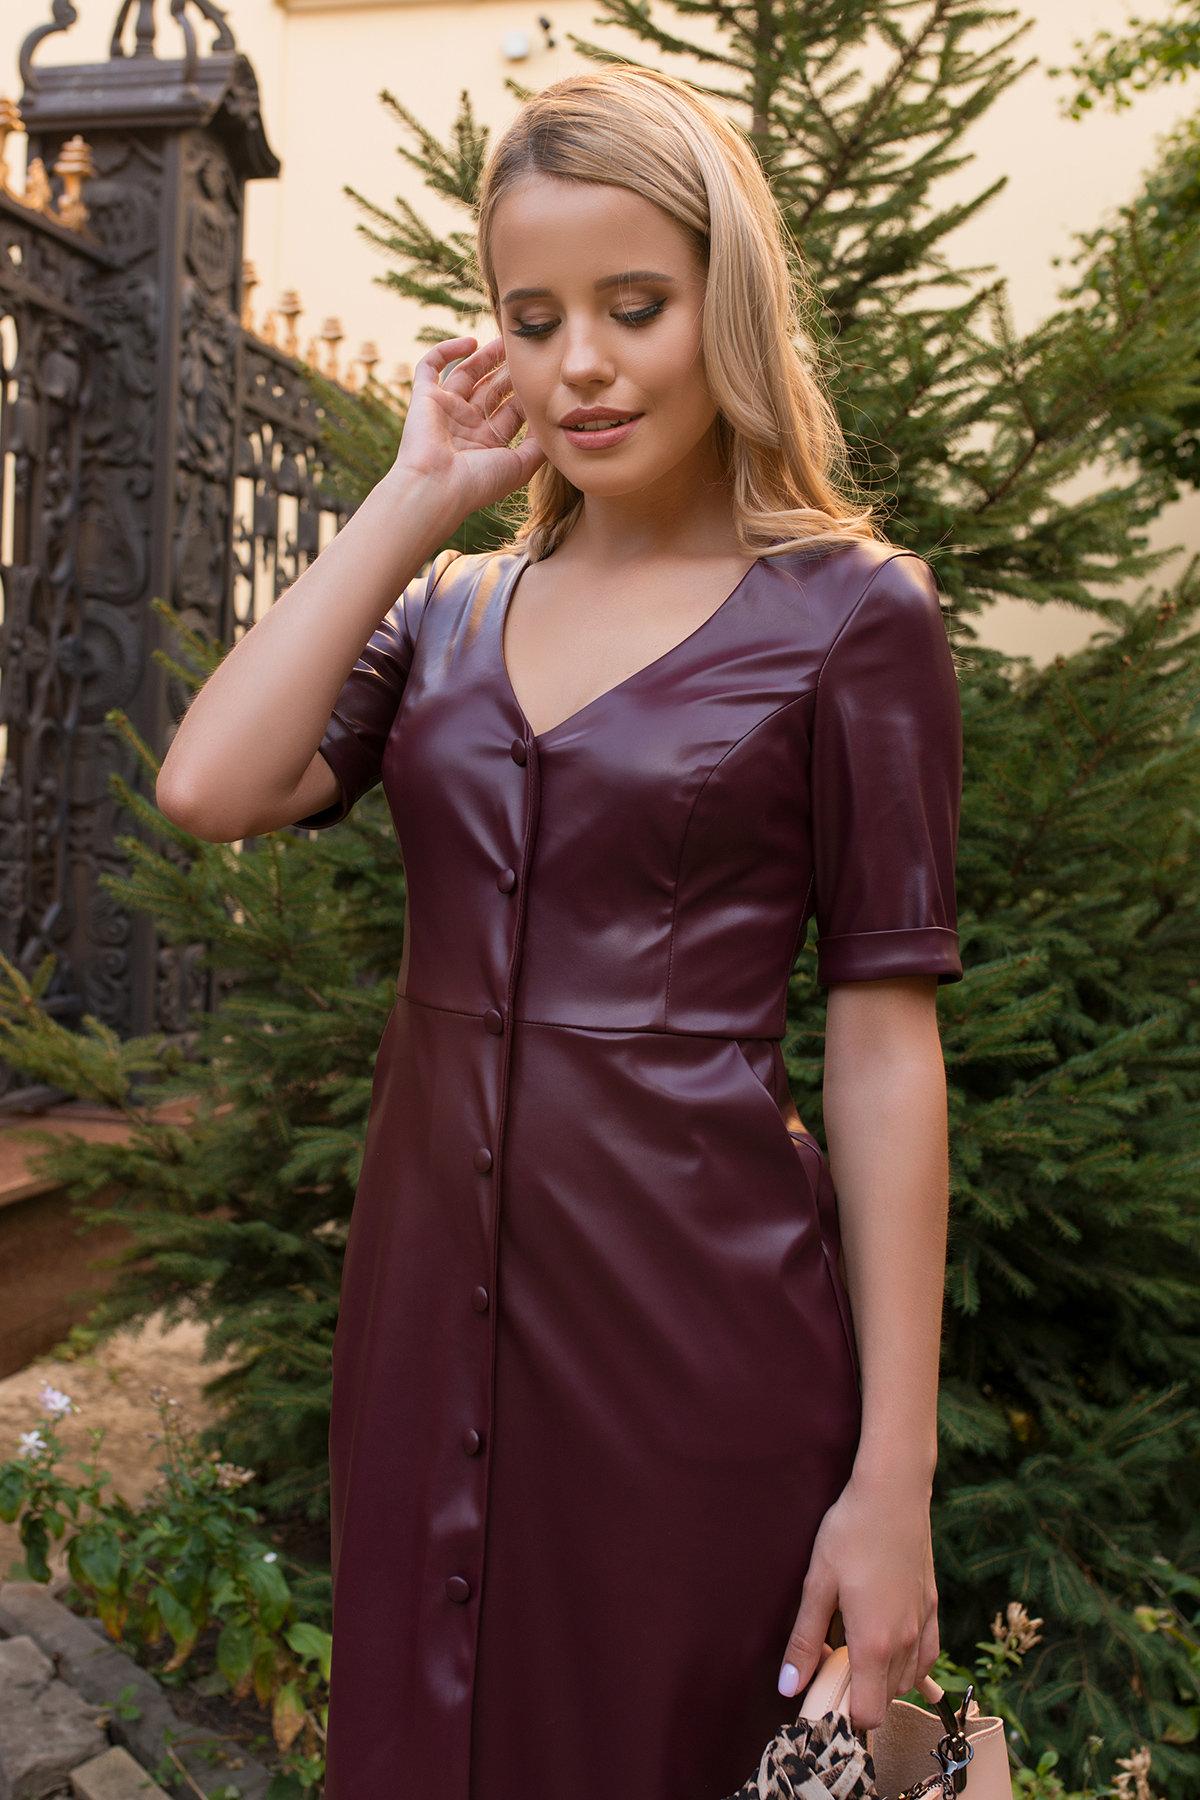 Платье из экокожи Тетрис 7847 АРТ. 43900 Цвет: Винный - фото 3, интернет магазин tm-modus.ru